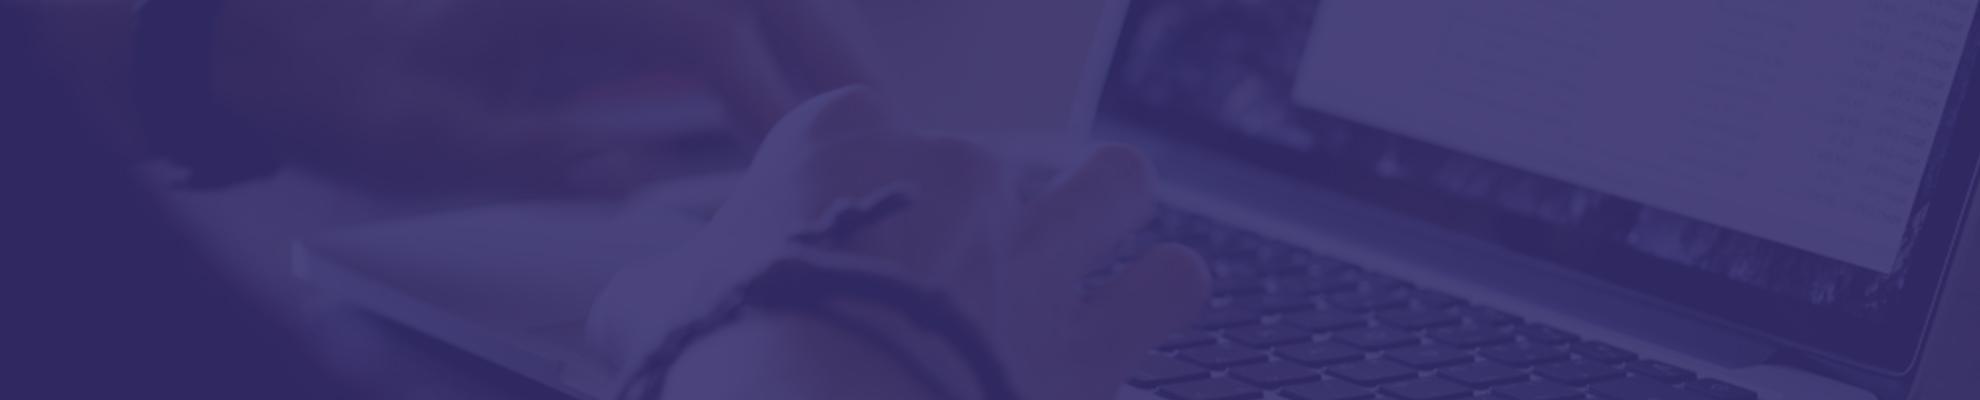 Фриланс-Форум. Как зарабатывать на своих талантах и не зависеть от работодателя